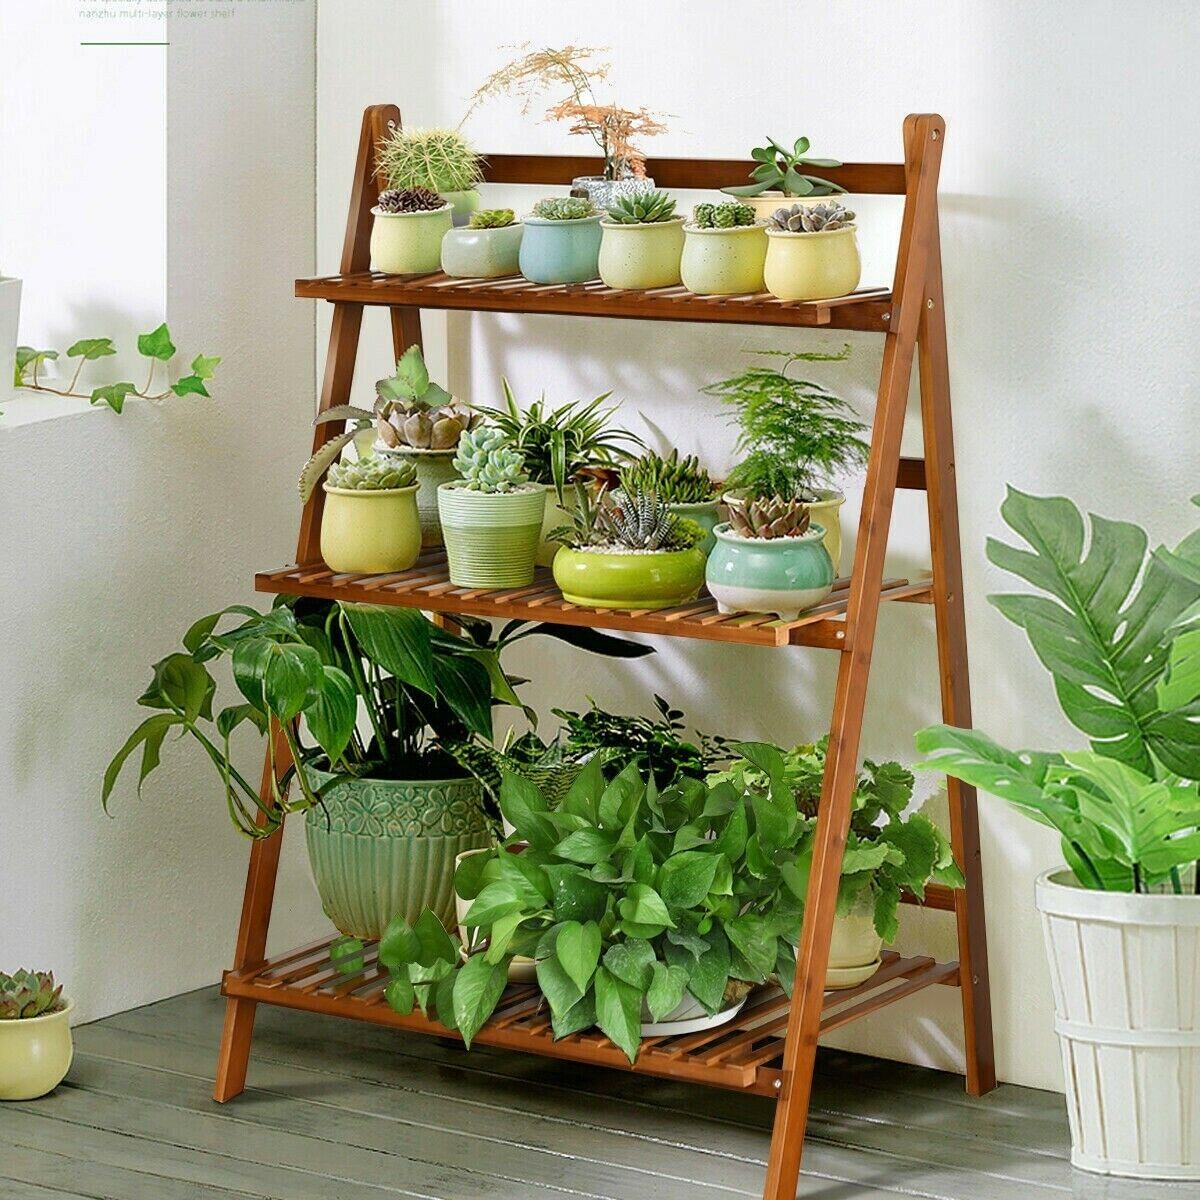 Soporte de la planta al aire libre plegable de 3 niveles Estantes De Bambú Natural tamaño variable